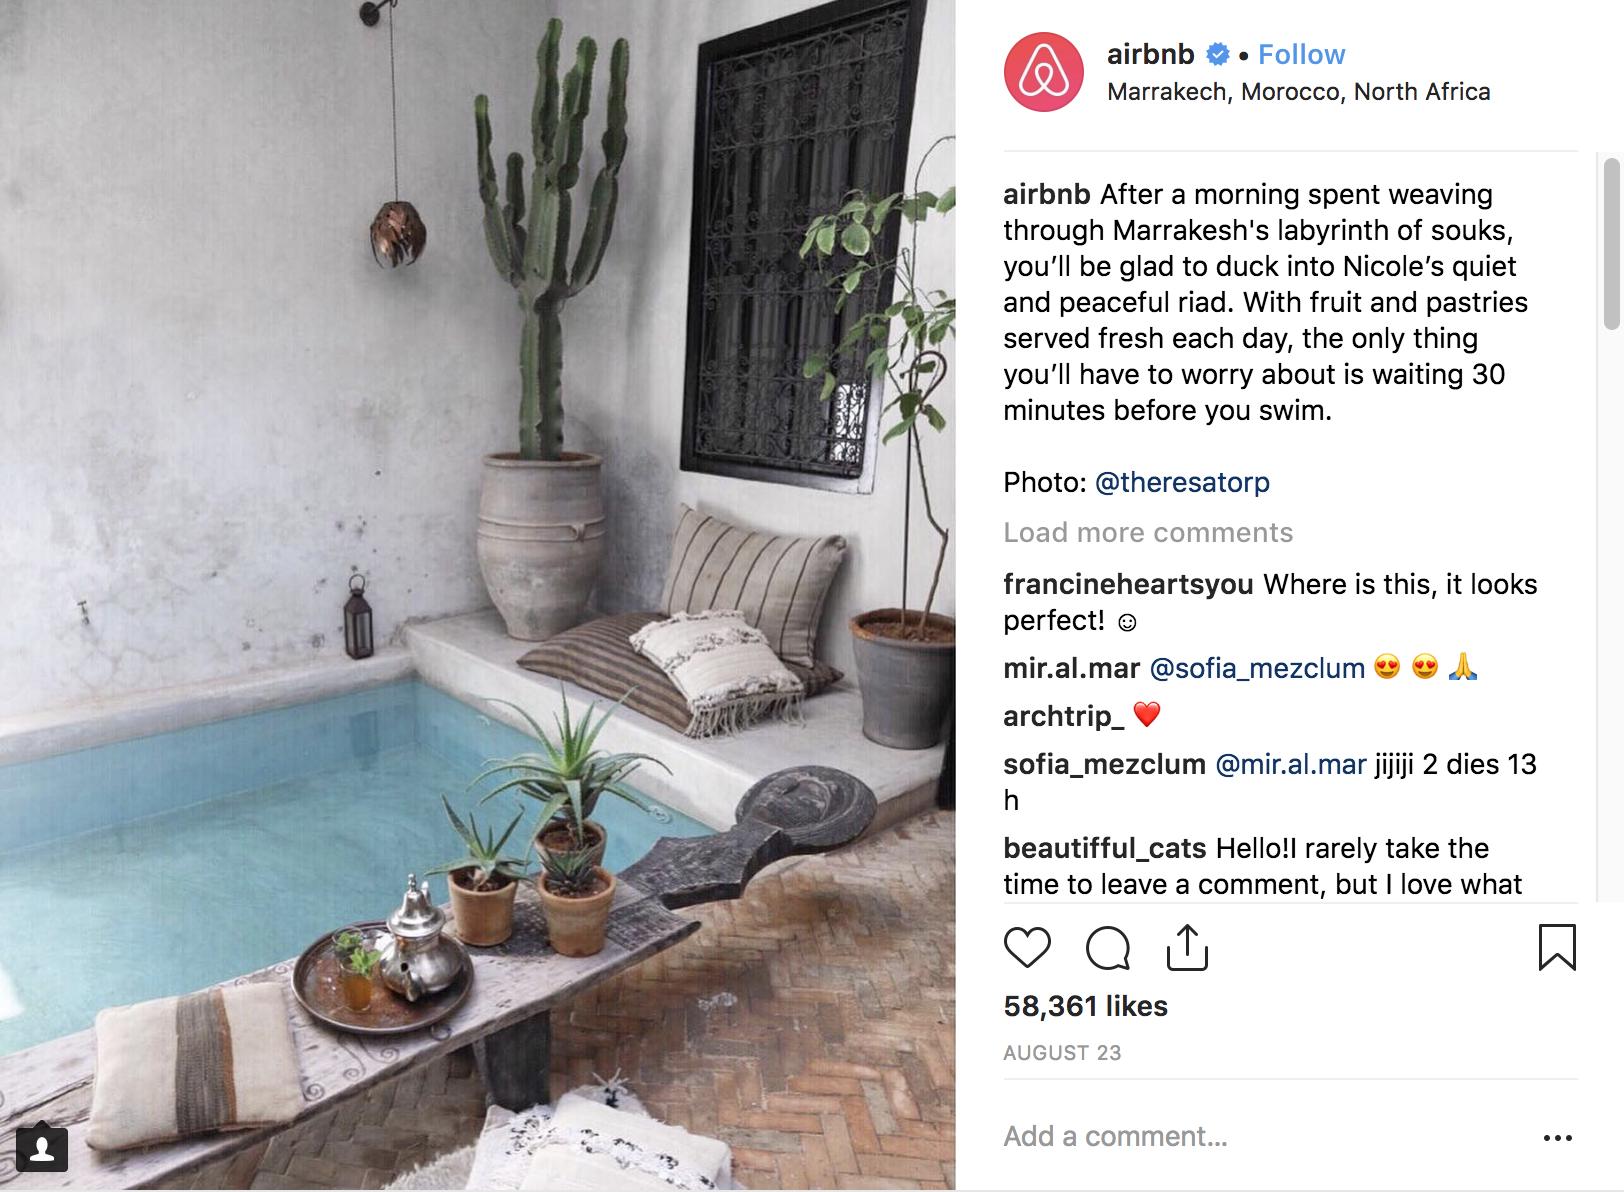 airbnb-instagram-influencer